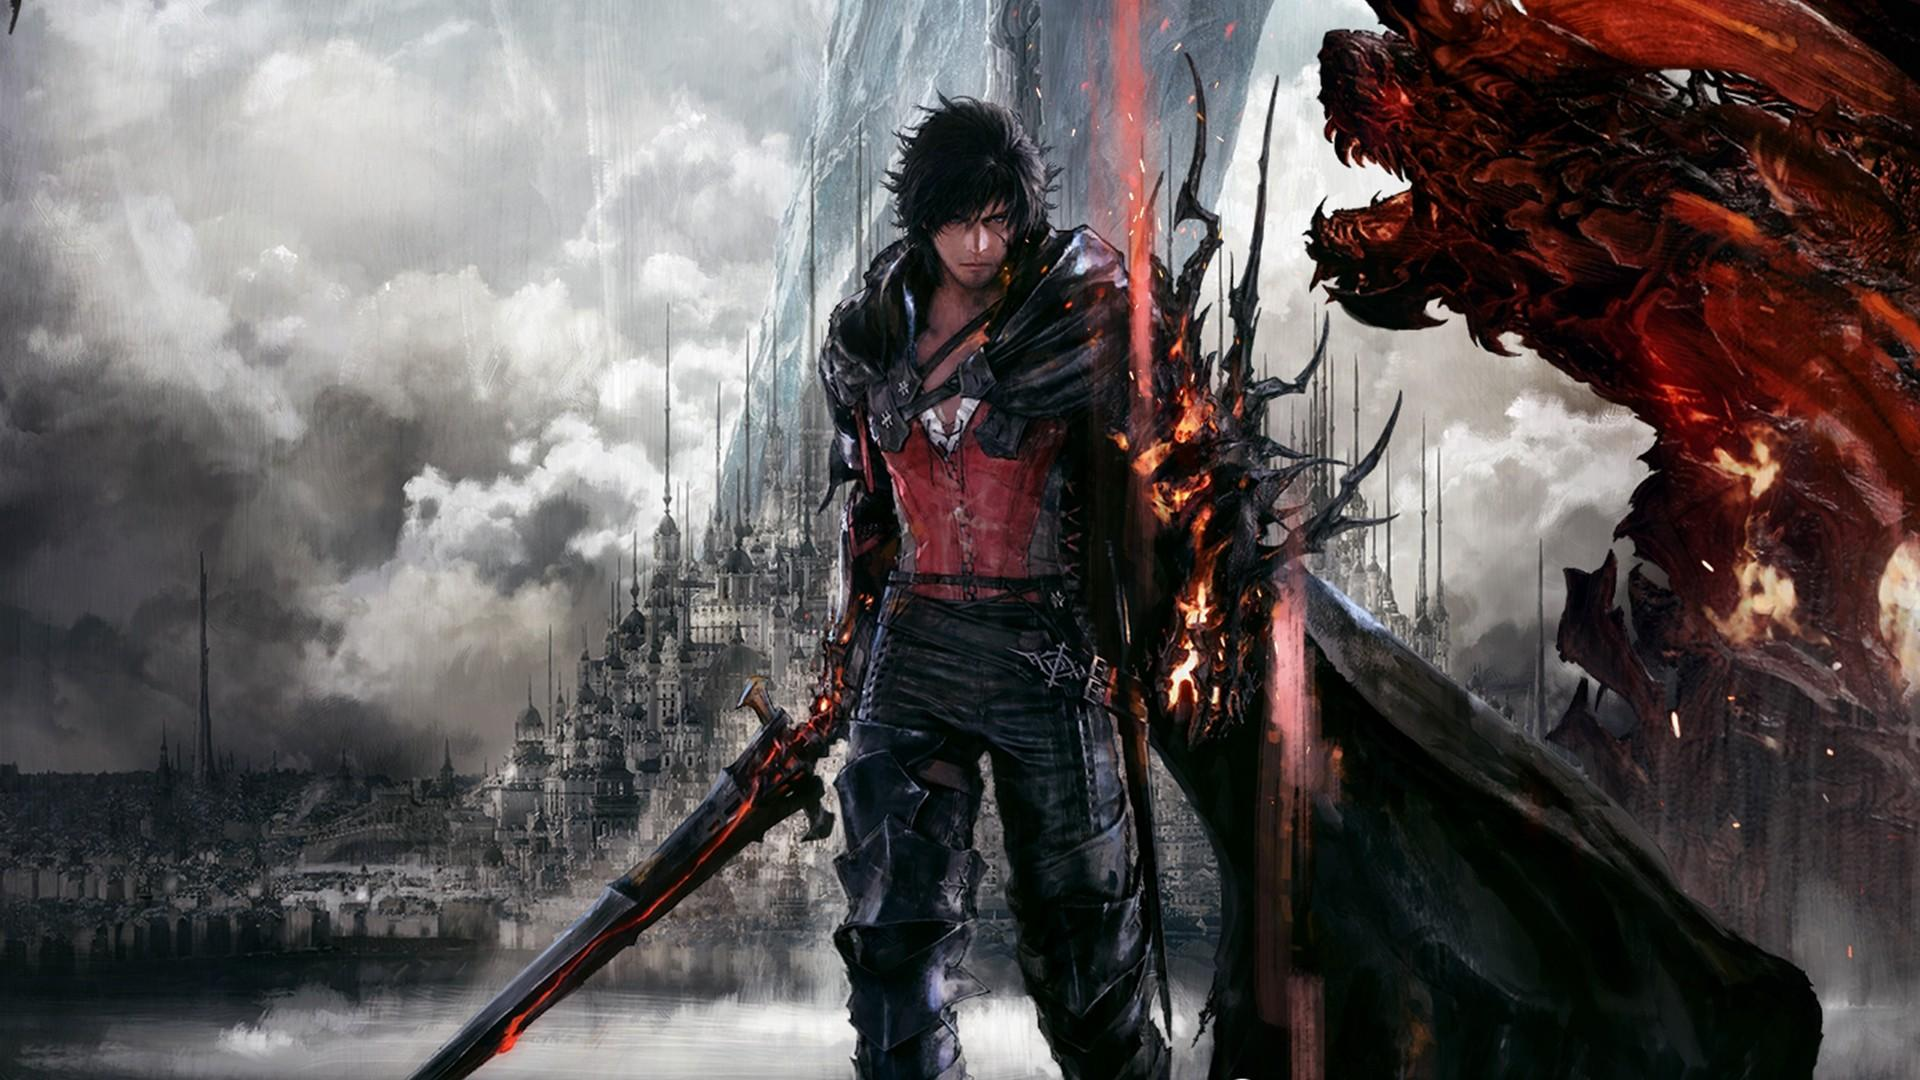 Слух: Square Enix работает над новой эксклюзивной частью Final Fantasy для PlayStation 5 2